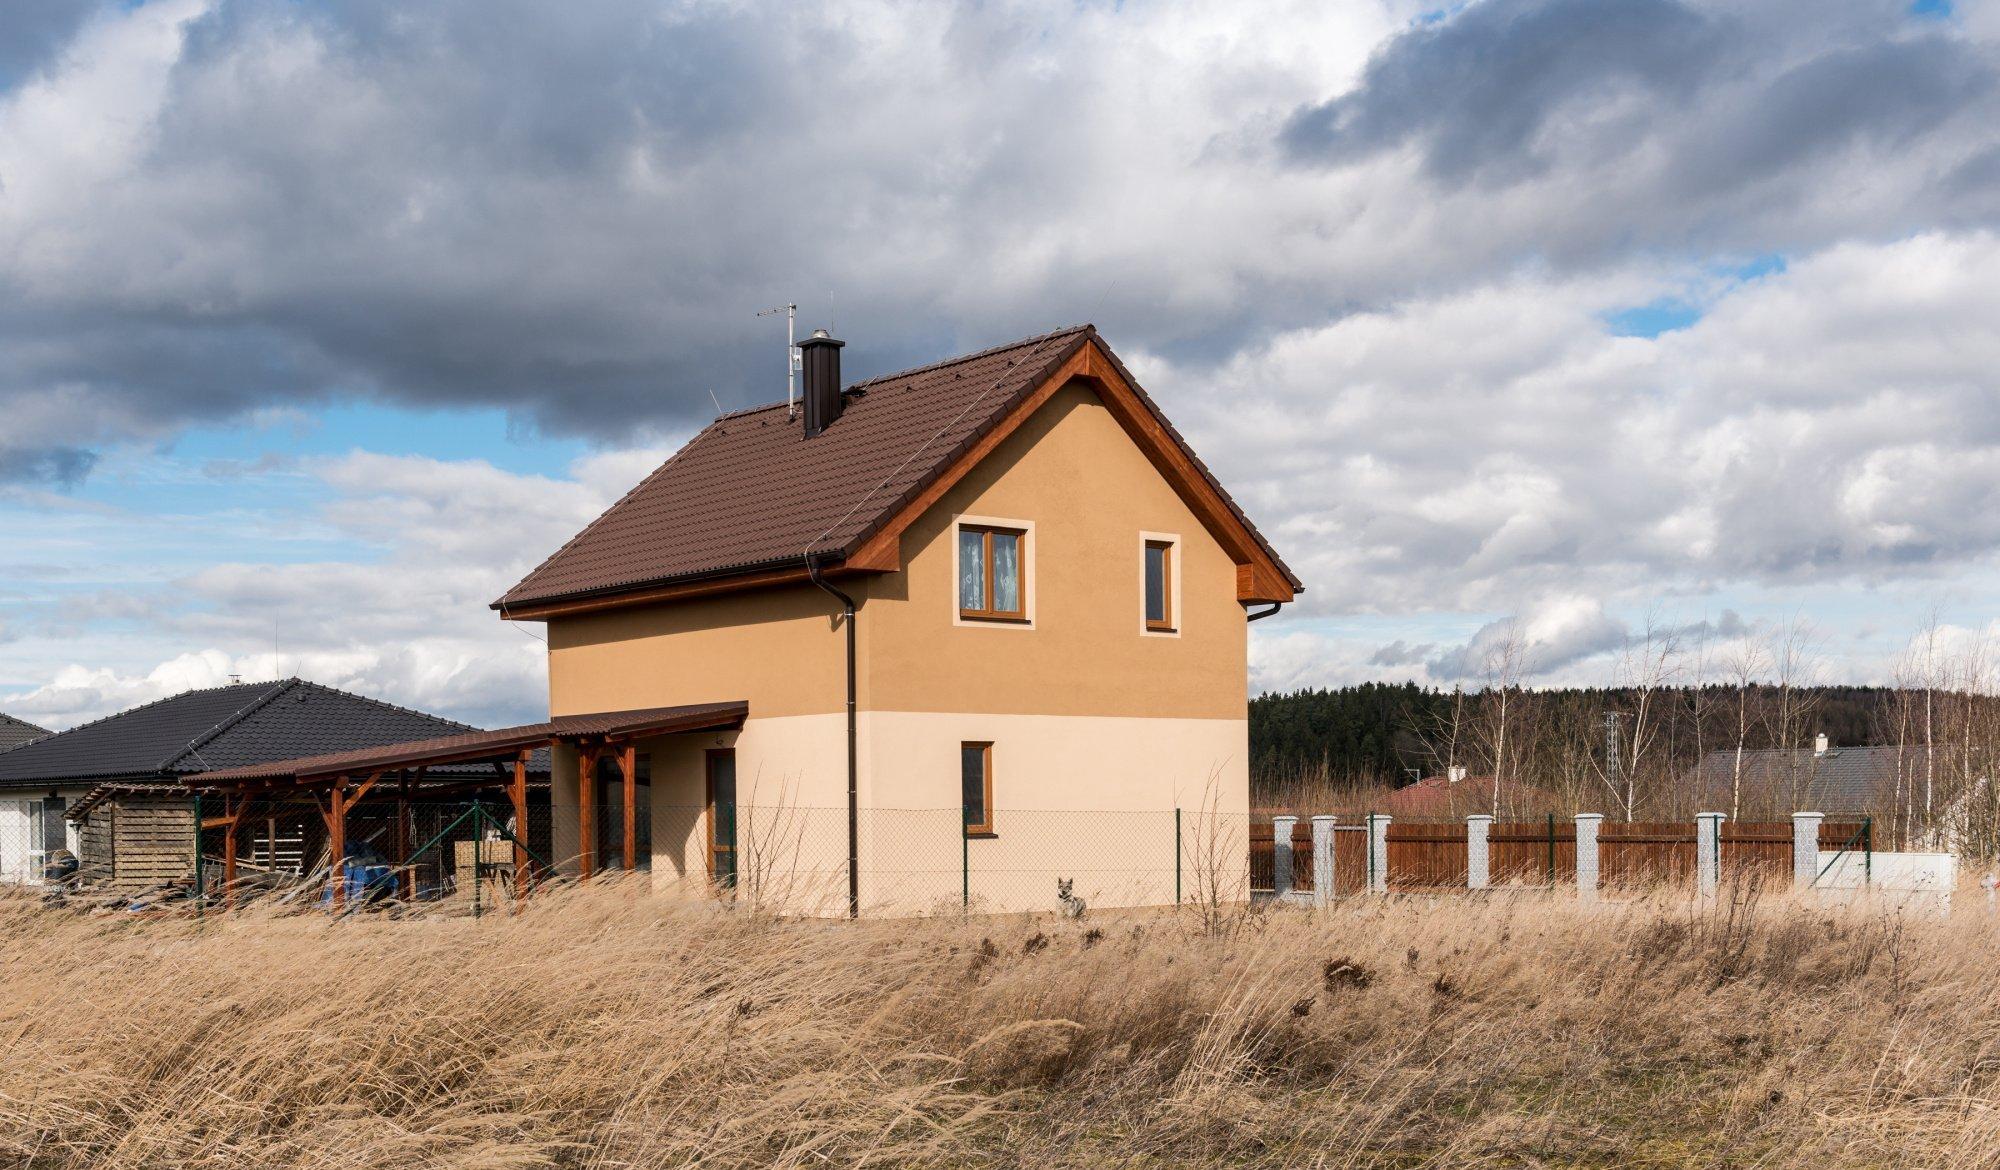 """Rodinný dům """"U Hrubých""""   Dispozice: 5+kk Zastavěná plocha (m2): 65.36   domek s podkrovím 2x koupelna s toaletou skladovací prostor…"""